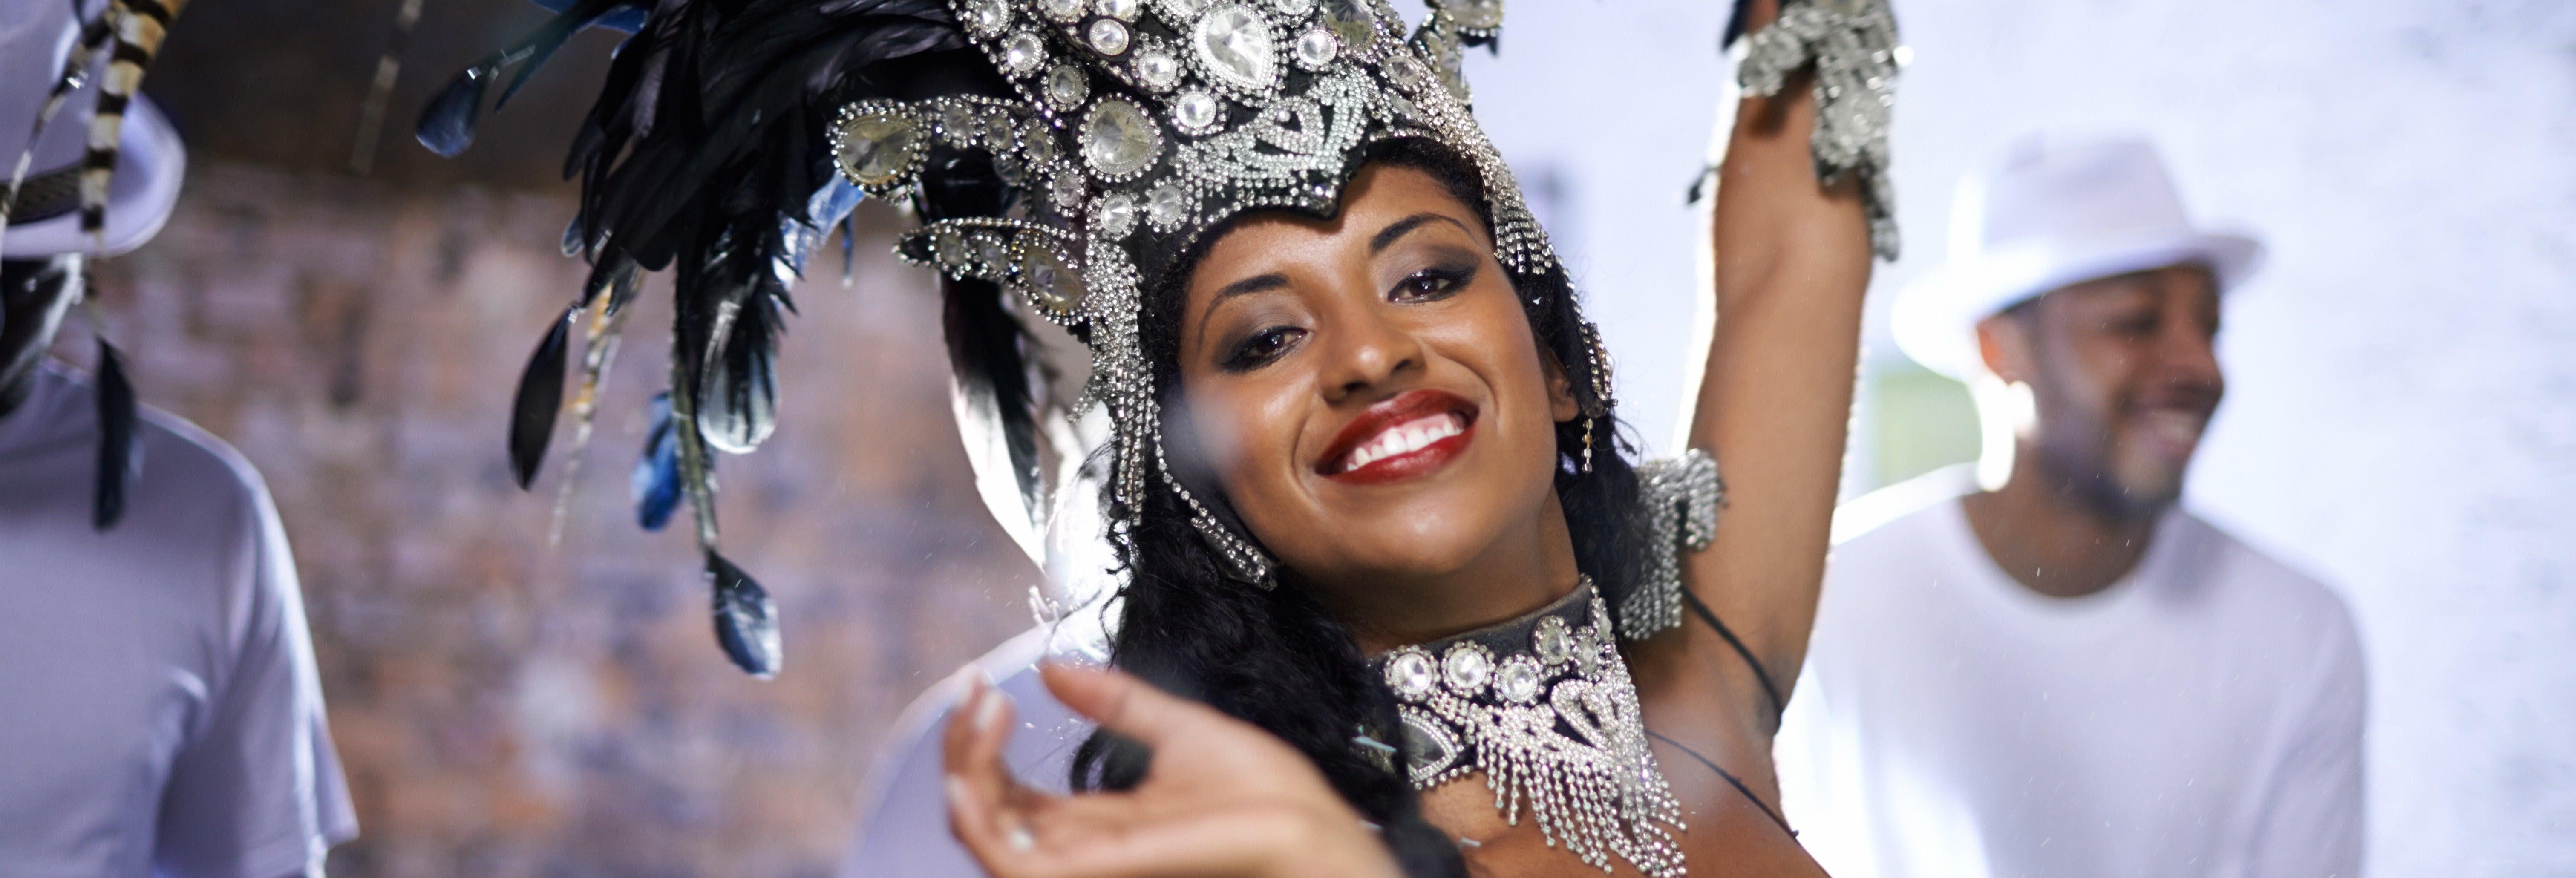 Défilé du carnaval de Rio de Janeiro